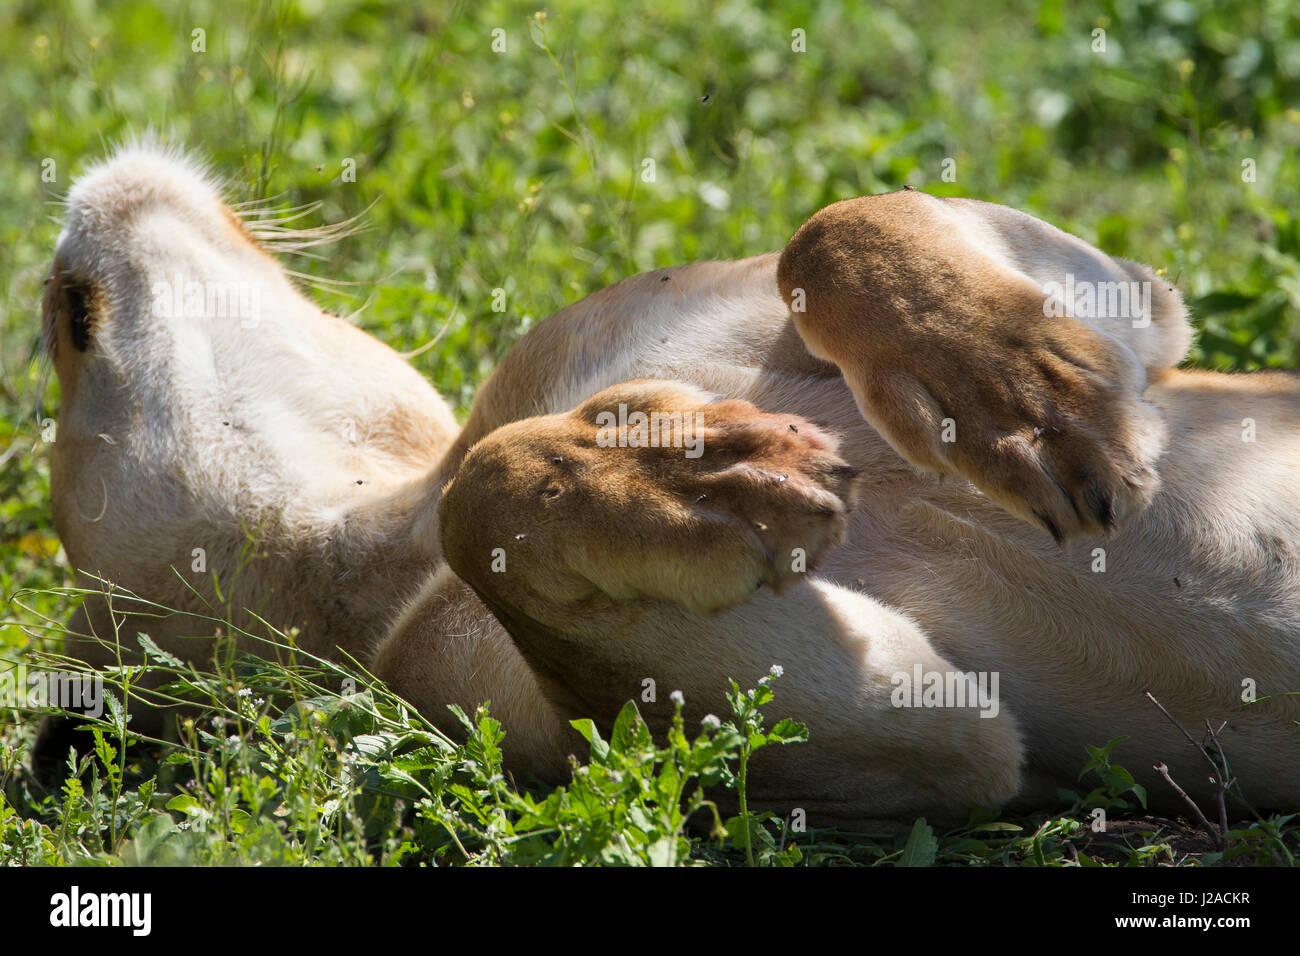 Lionne couchée sur le dos, la tête penché en arrière, haut du corps illustré, les pieds Photo Stock